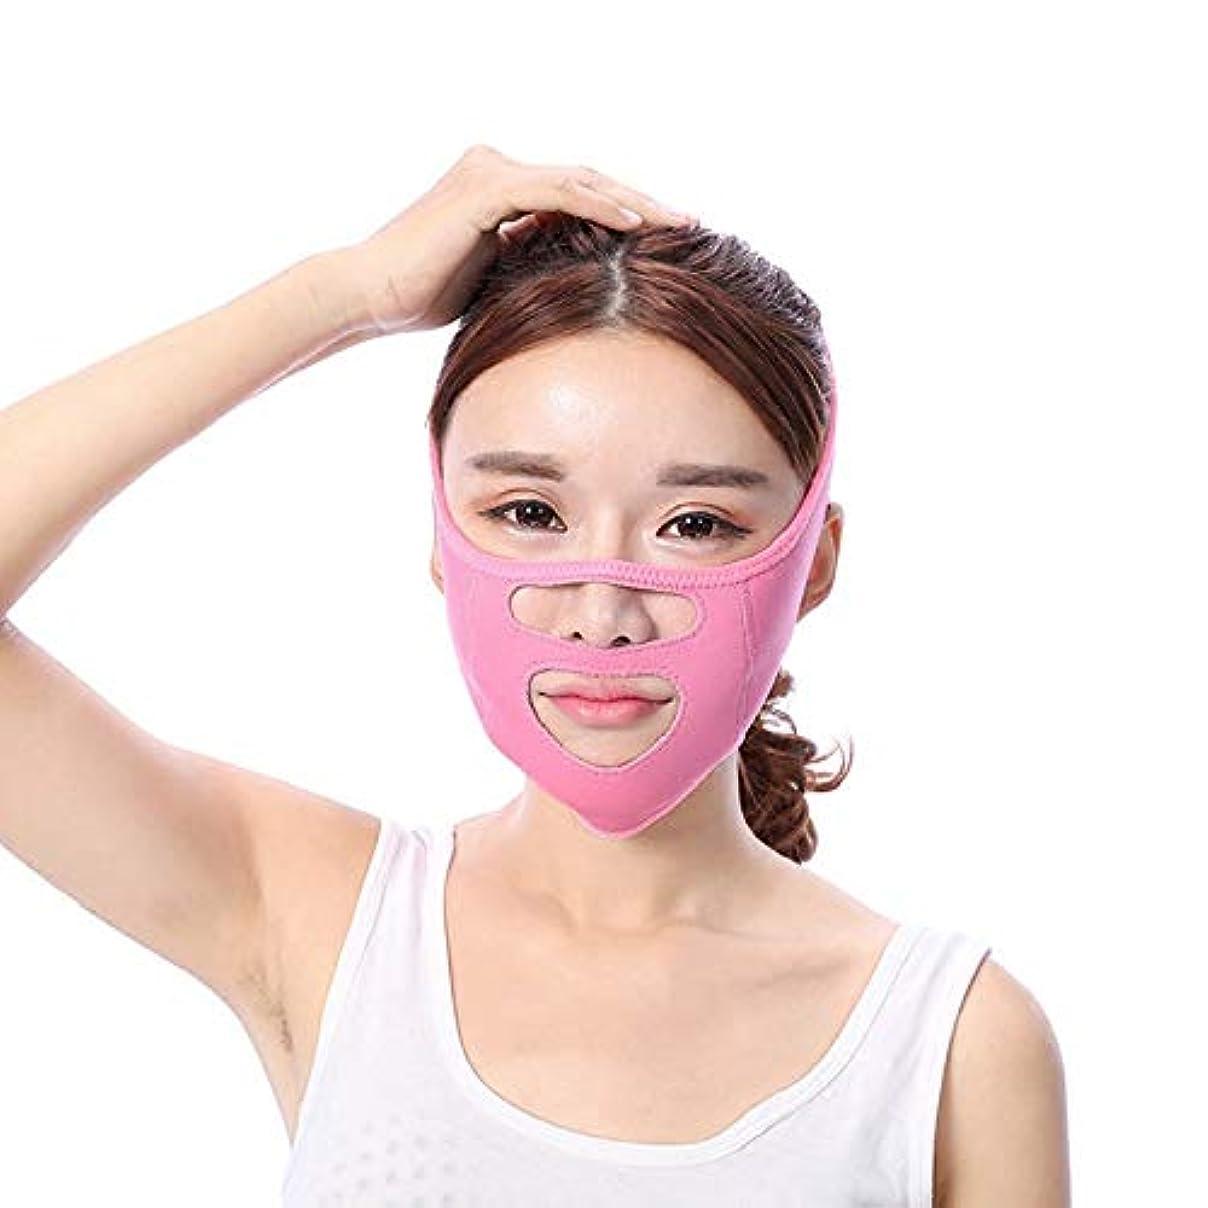 株式パドルゲインセイフェイスリフトベルトフェイスバンデージ美容機器リフティングファインディングダブルチン法令Vマスク睡眠マスク通気性